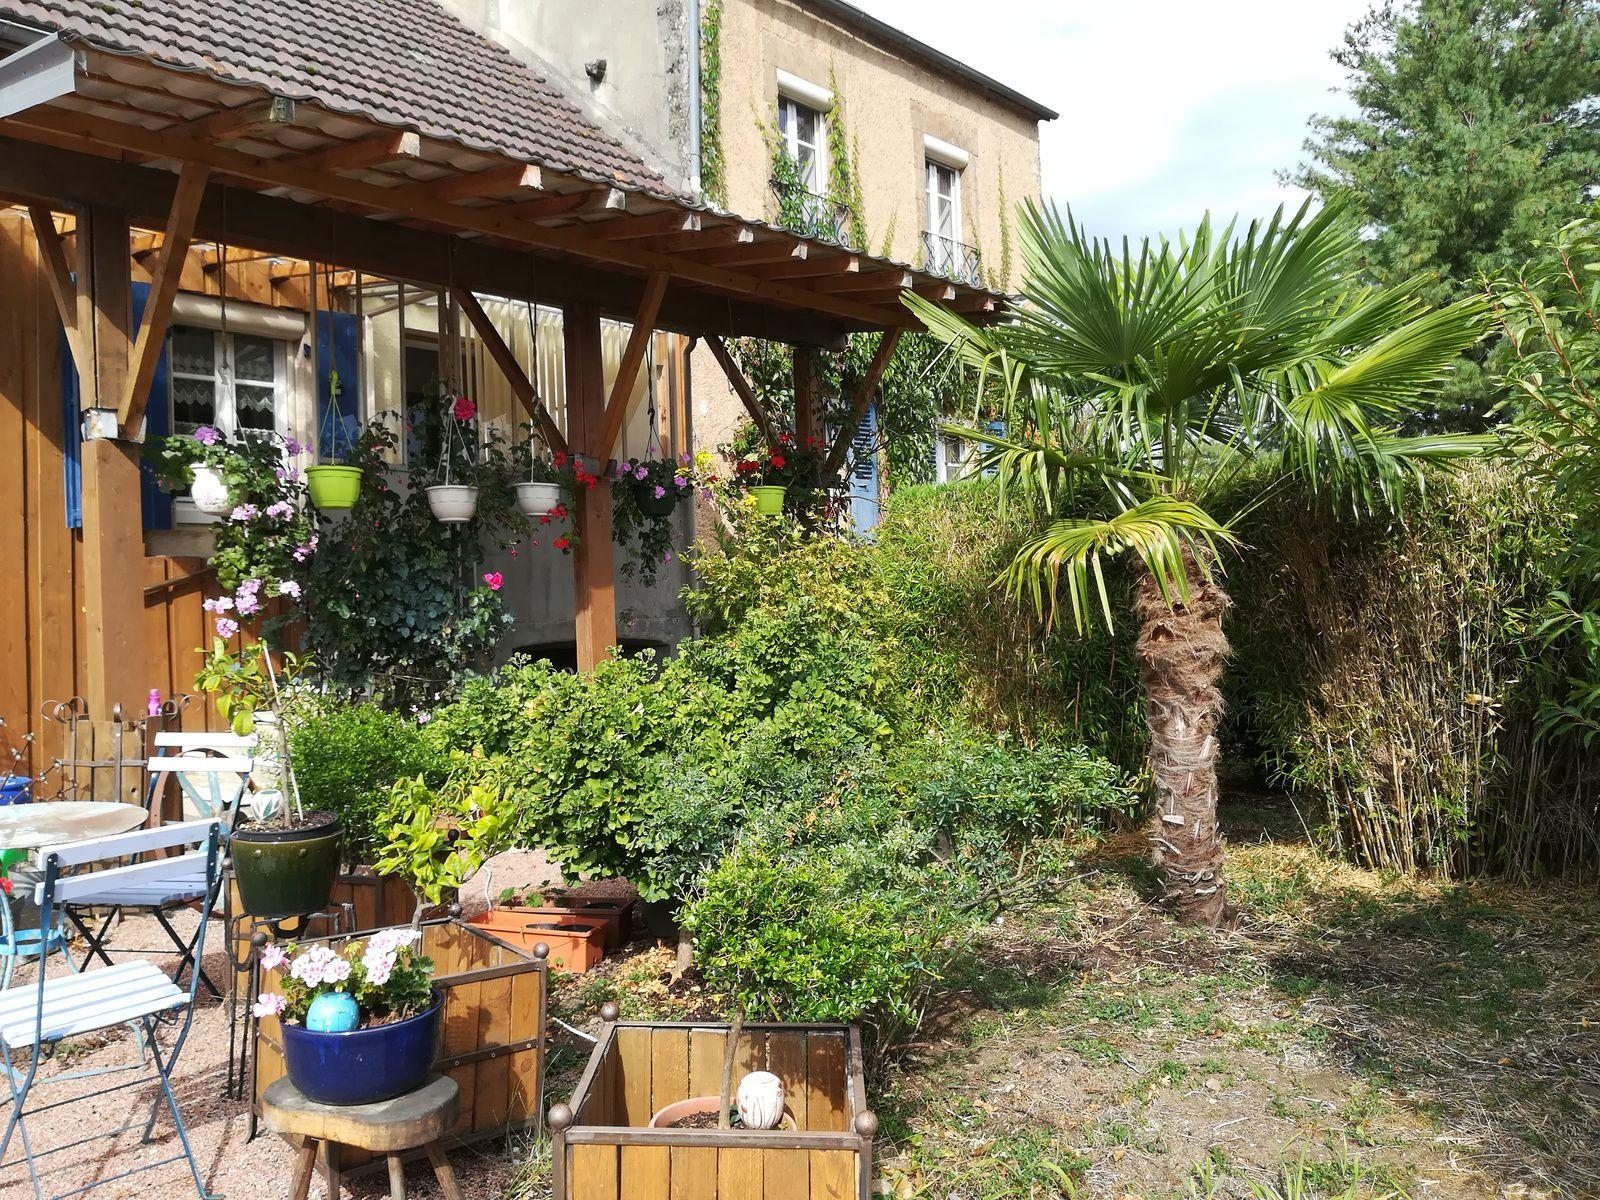 Ferme ancienne avec pré à vendre en Bourgogne